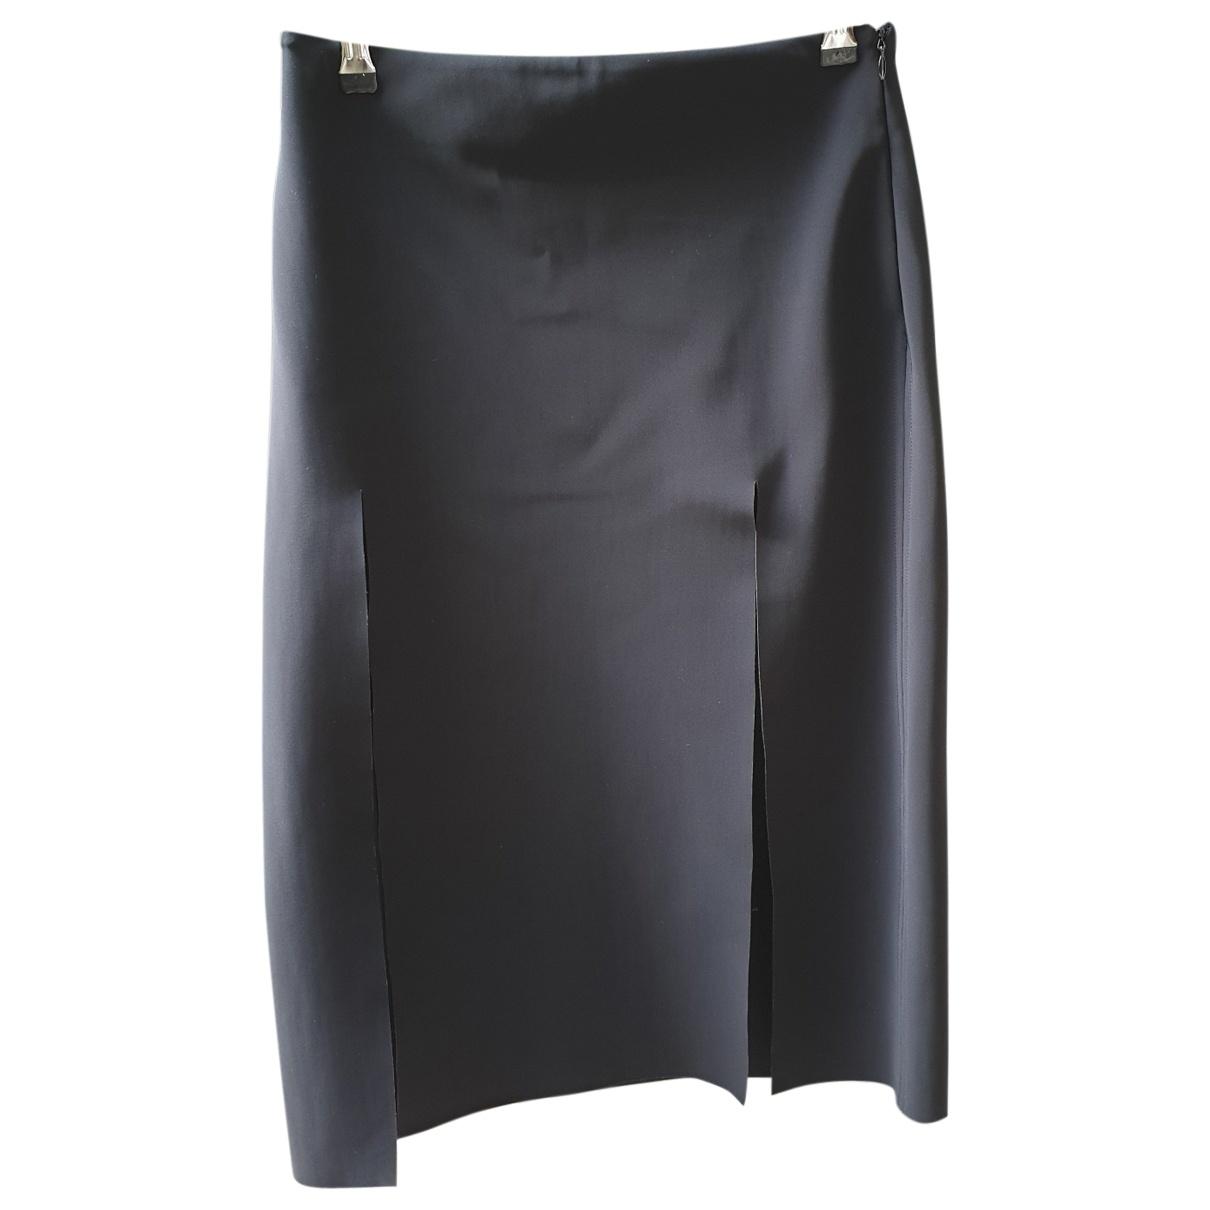 Versus - Jupe   pour femme en coton - elasthane - noir